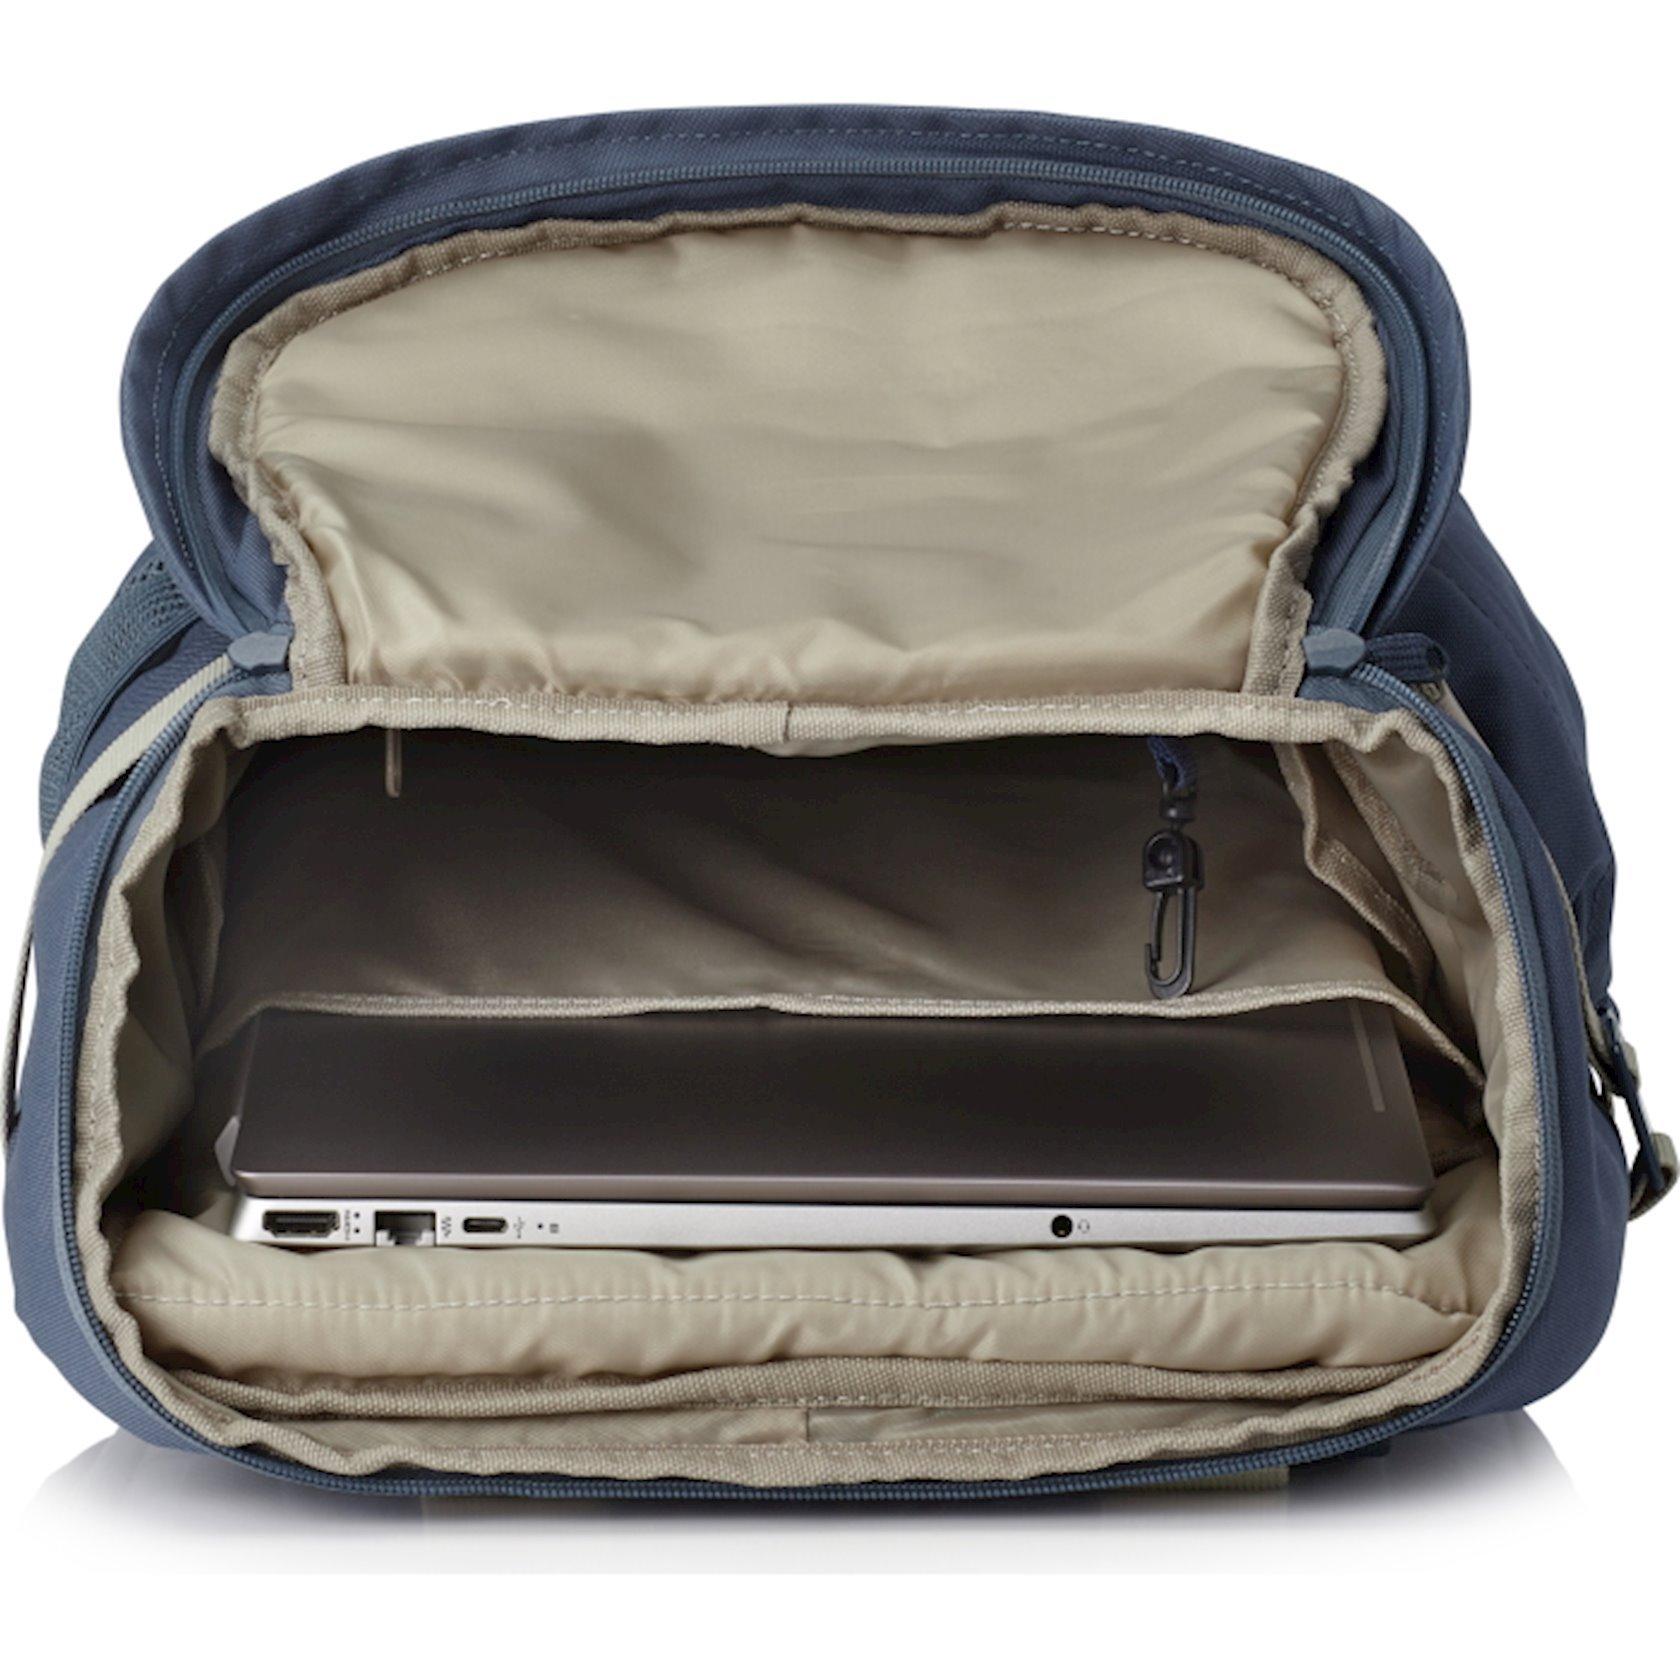 """Noutbuk üçün bel çantası HP Odyssey 15.6"""" Ocean Blue (10-15.6"""") 7XG62AA"""